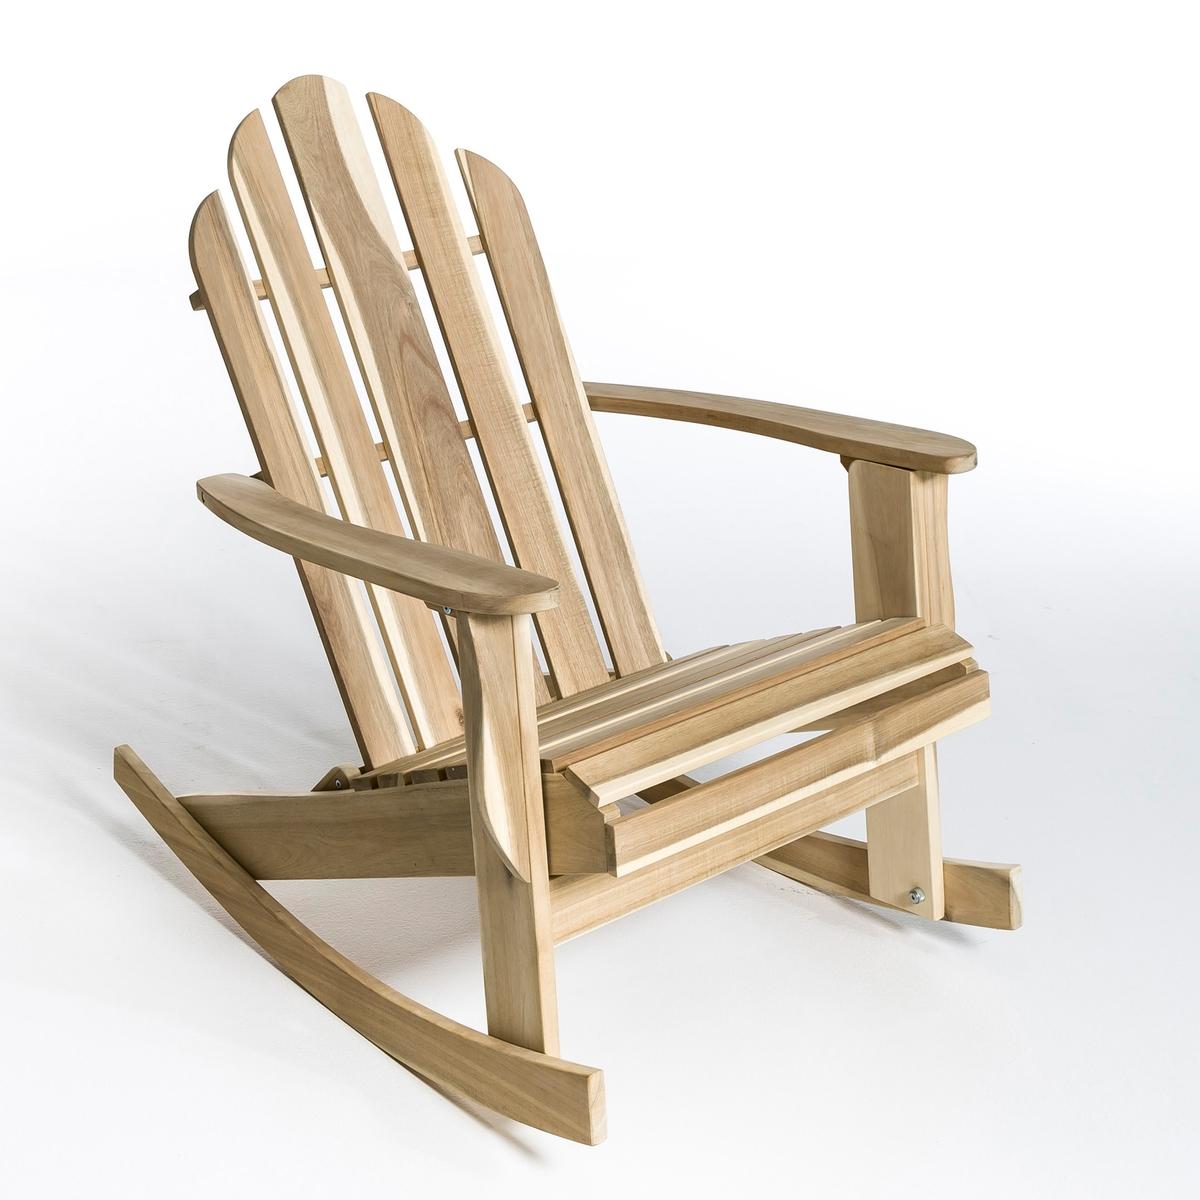 Кресло-качалка для сада Th?odore, style AdirondackКресло-качалка, style Adirondack, Th?odore. Высокая вогнутая спинка, низкое сиденье и широкие подлокотники... легендарное кресло Adirondack  представлено в версии кресла-качалки ! Характеристики : - Из акации под окраску или с покрытием ПУ лаком                 - Данная модель легко собирается, инструкция по сборке прилагается.                 Размеры : - Шир. 70 x Выс. 97 x Гл. 92 см.                             - Сиденье : Шир. 50 x Выс. 37,5 x Гл. 44 см.Размеры и вес упаковки : - Шир. 116 x Выс. 22 x Гл. 74 см, 11 кг :! ! .<br><br>Цвет: красный,под покраску,светло-серый,темно-зеленый<br>Размер: 1 места